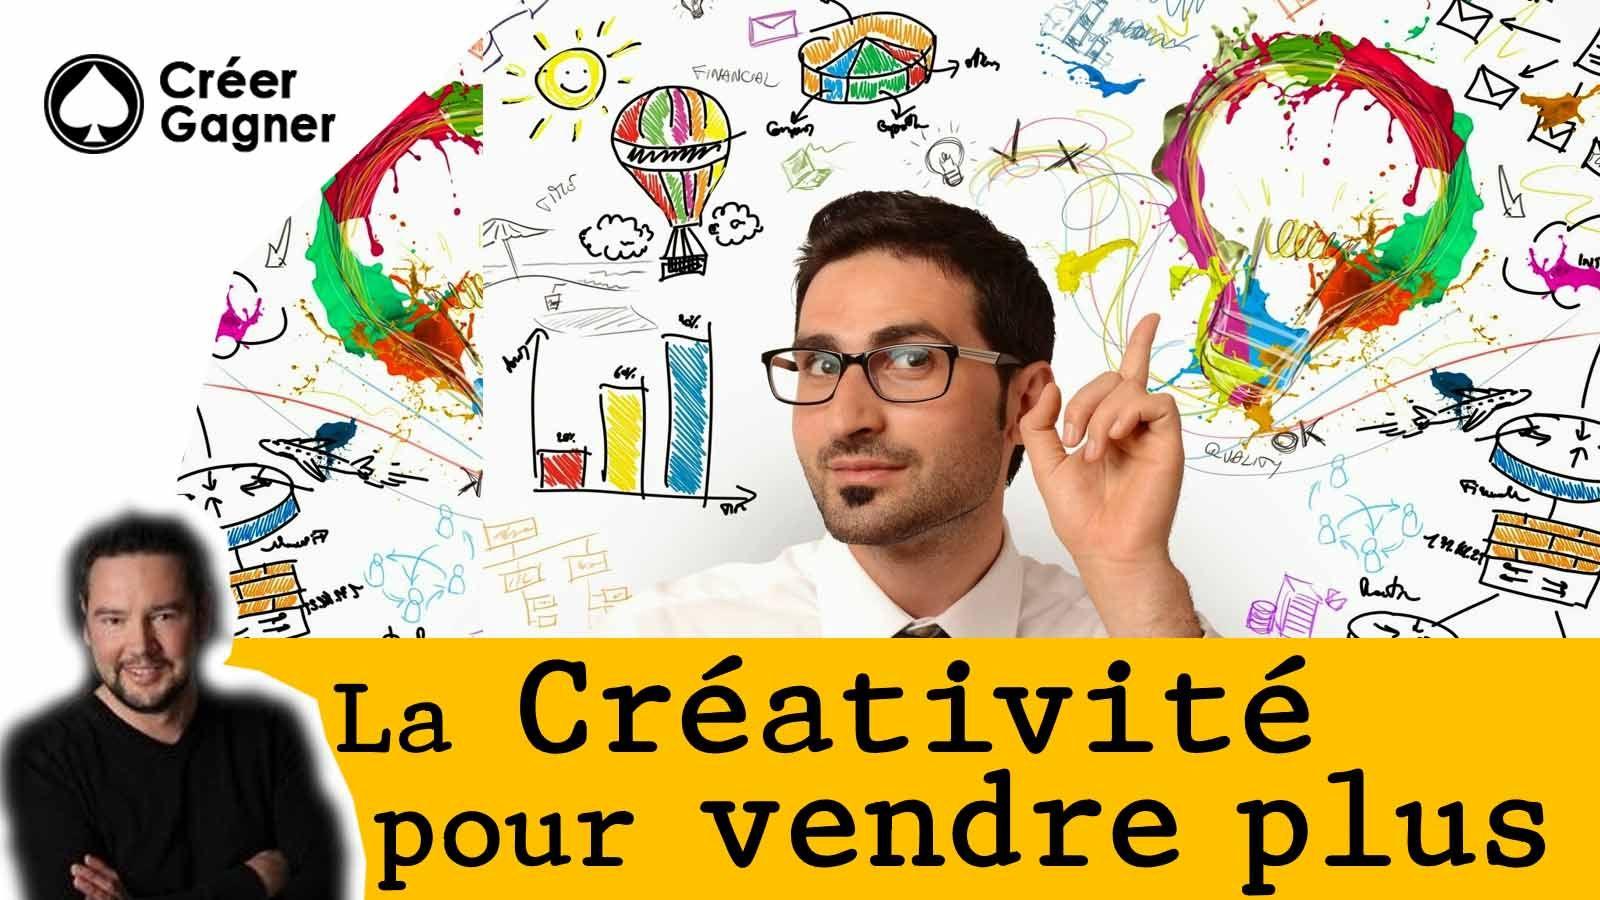 La créativité est une qualité d'un entrepreneur, d'une dirigeant ou d'un bon vendeur pour vendre plus. Mais comment faire ? Cliquez ici pour savoir.